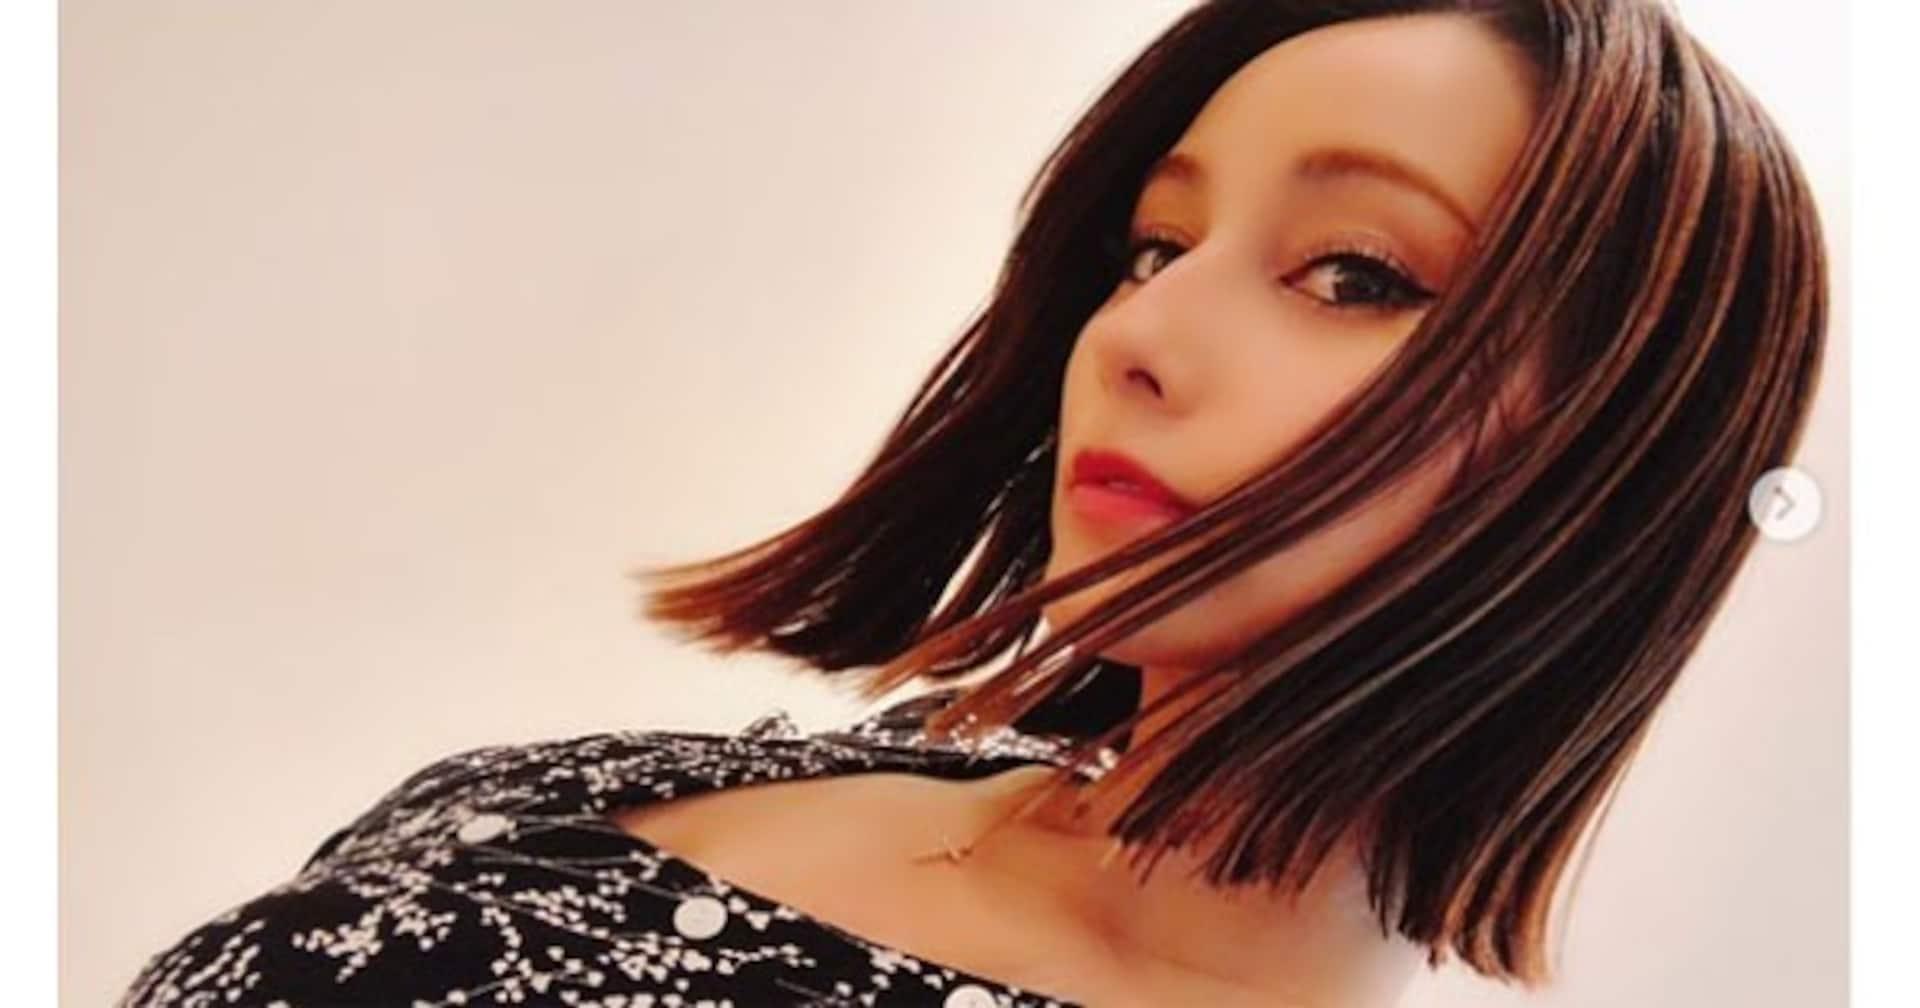 「誰もが納得!」ダレノガレ明美の言い分。一般的な日本人は健康志向に嫌気?